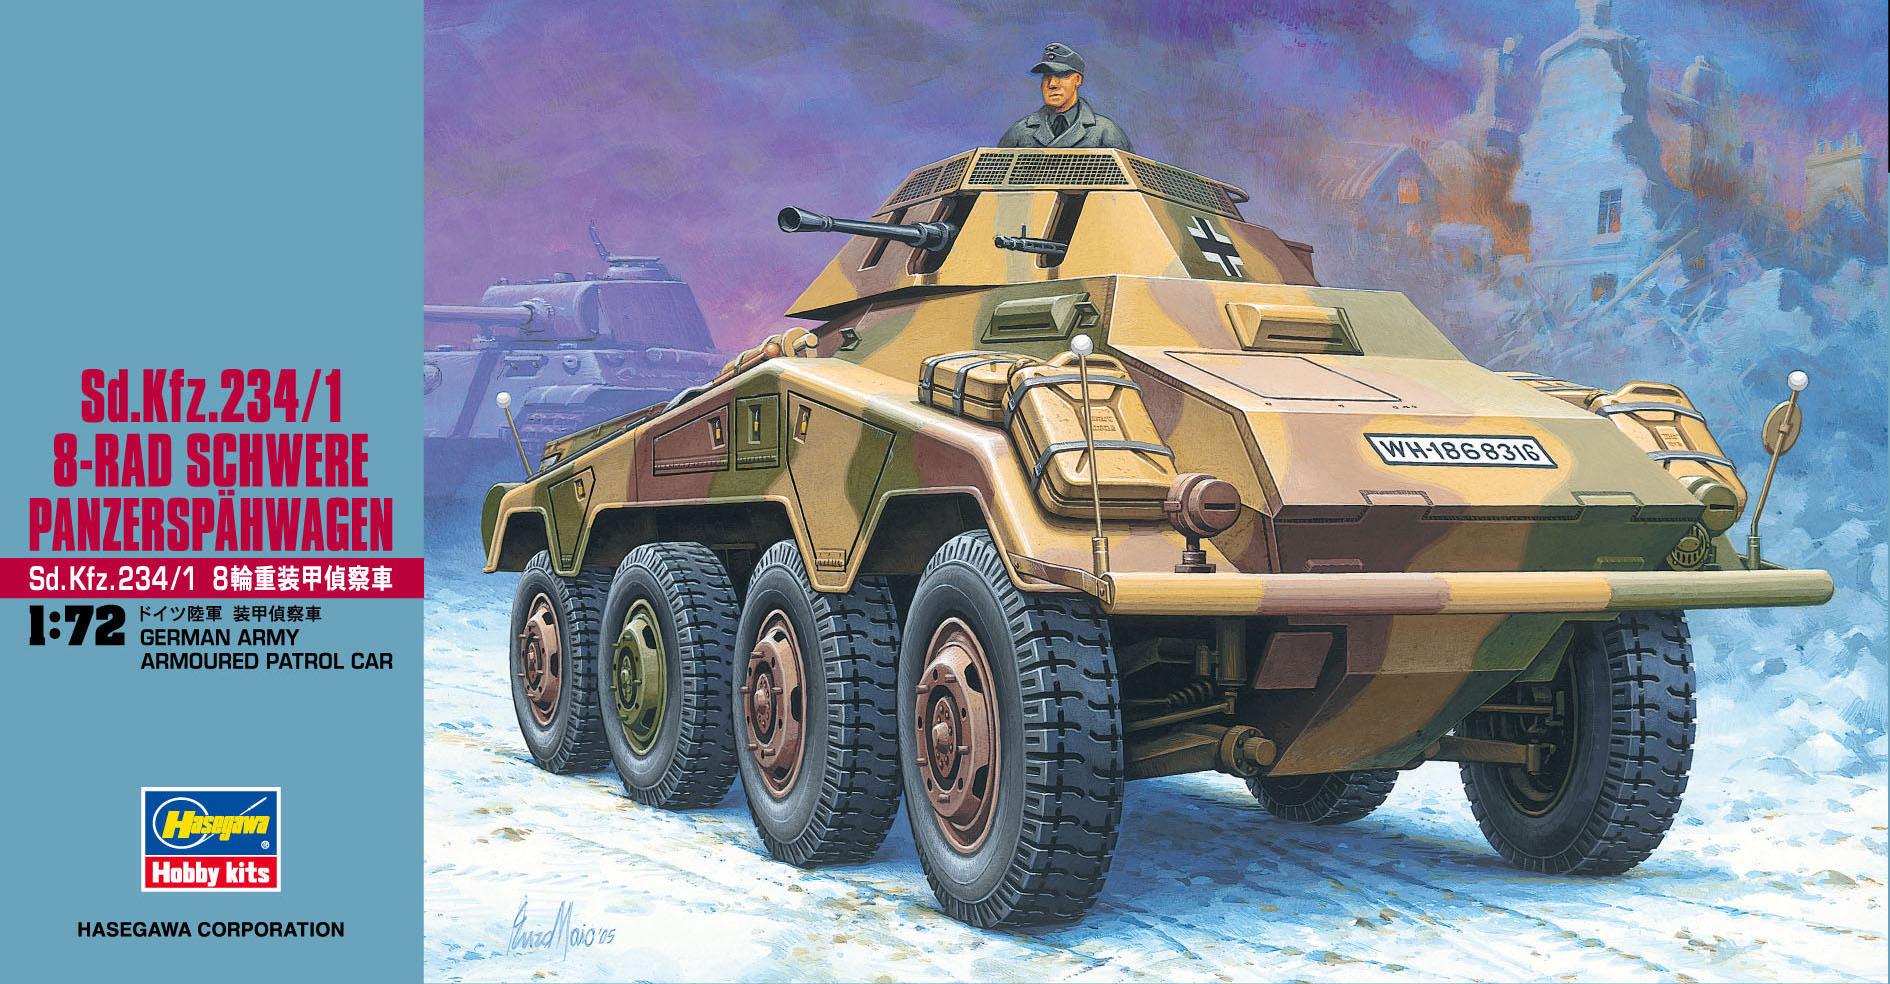 Hasegawa 1/72 Sd.Kfz.234/1 8-Rad Schwere Panzersp?hwagen